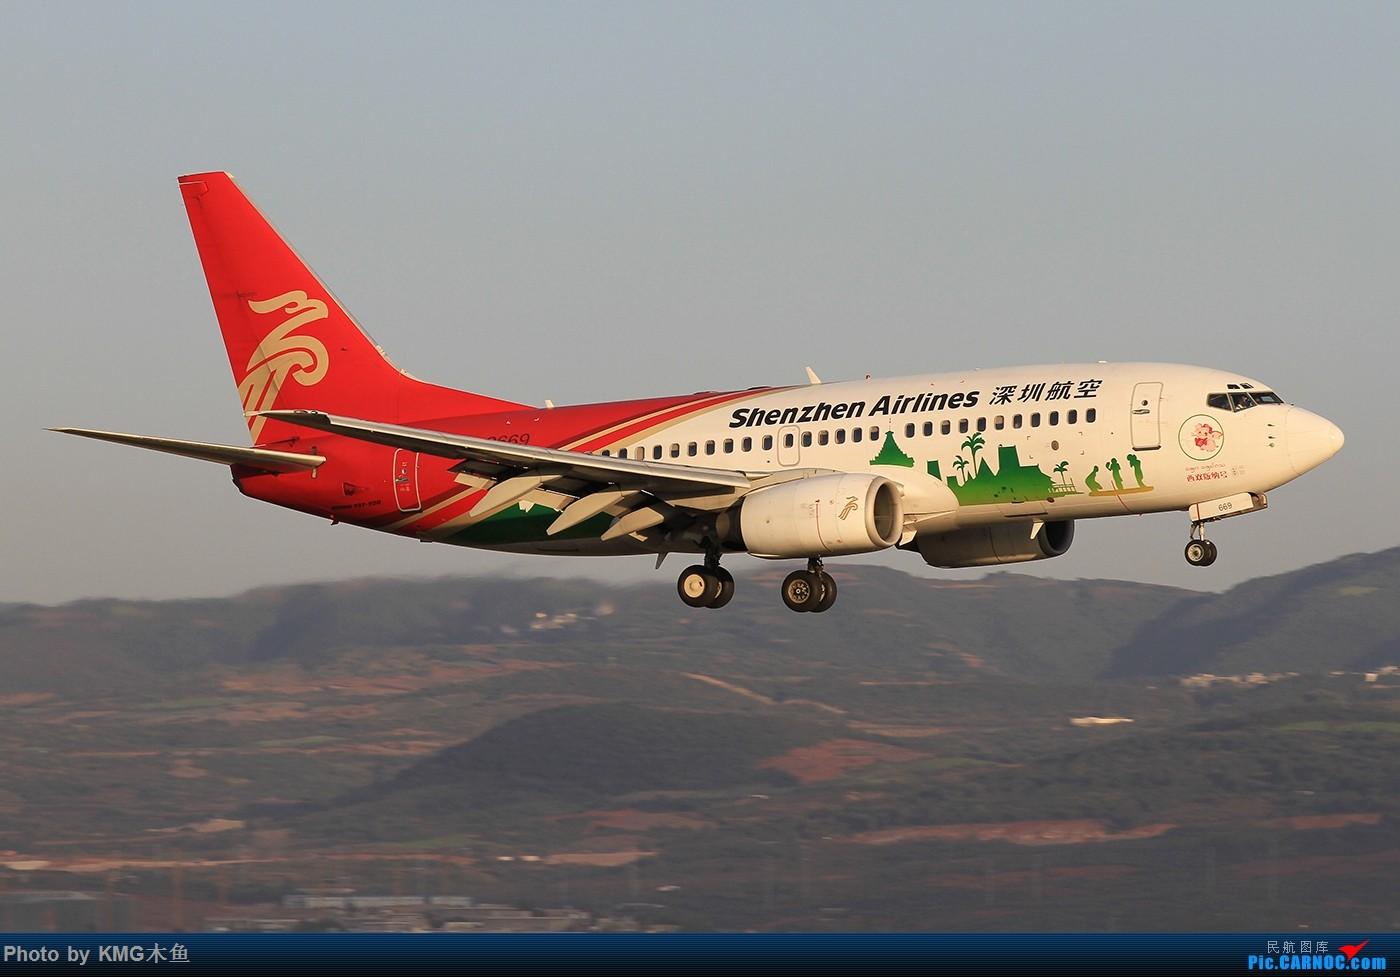 Re:[原创]【昆明长水国际机场-KMG木鱼拍机】啥时候能晴天,我想拍飞机了 BOEING 737-700 B-2669 中国昆明长水国际机场